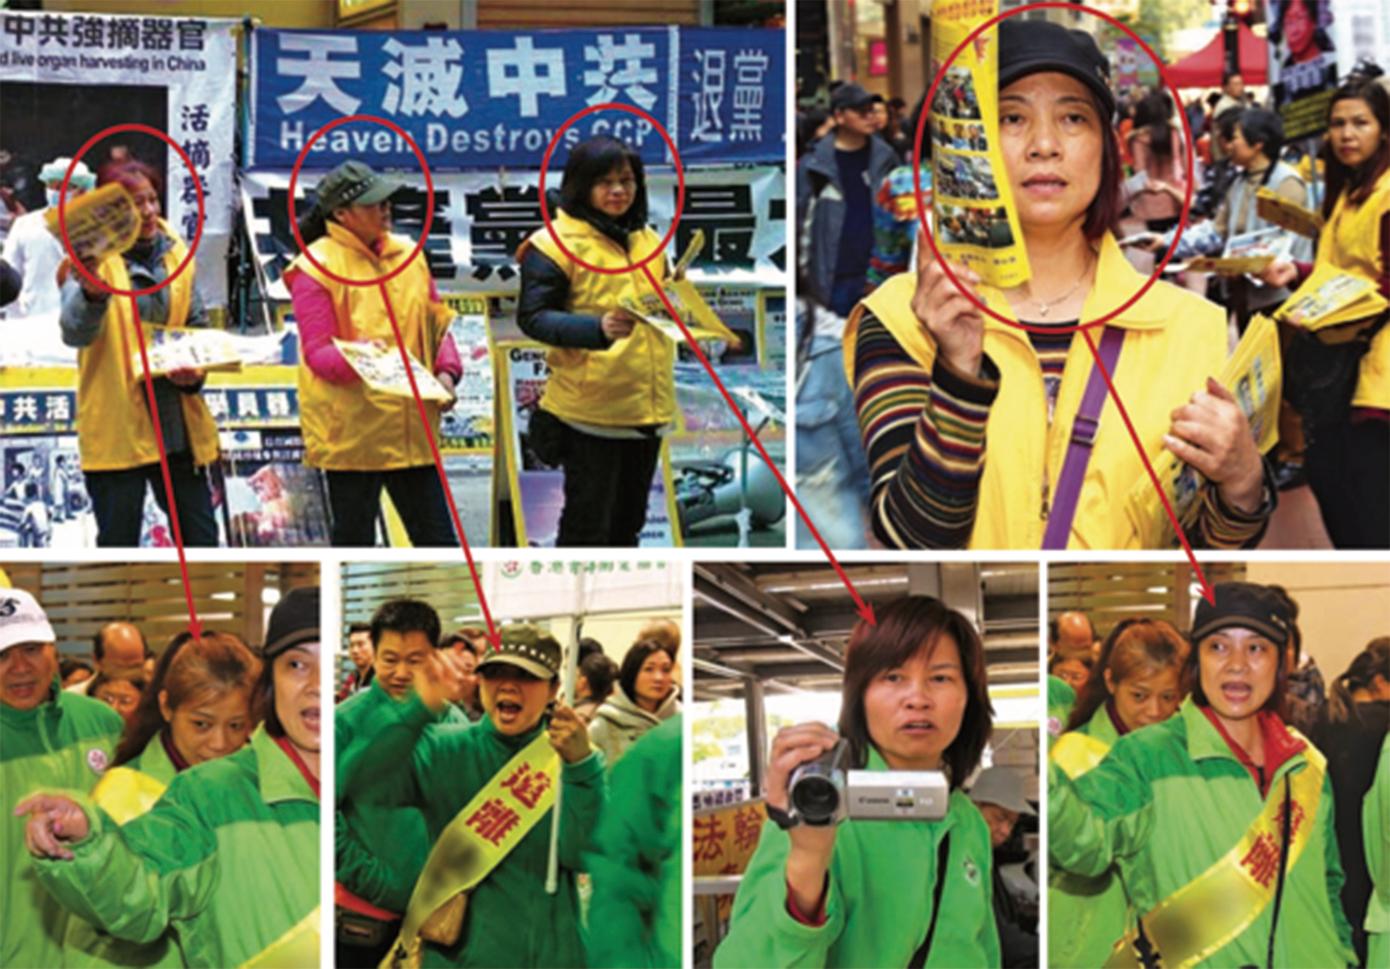 2014年3月22、23日在銅鑼灣法輪功真相點,青關會成員穿上黃衣服冒充法輪功學員,還肆無忌憚地站在真相點前派發污衊單張,試圖誤導香港市民和遊客。(下排圖)青關會惡人平時穿著綠色制服。(大紀元合成圖片)